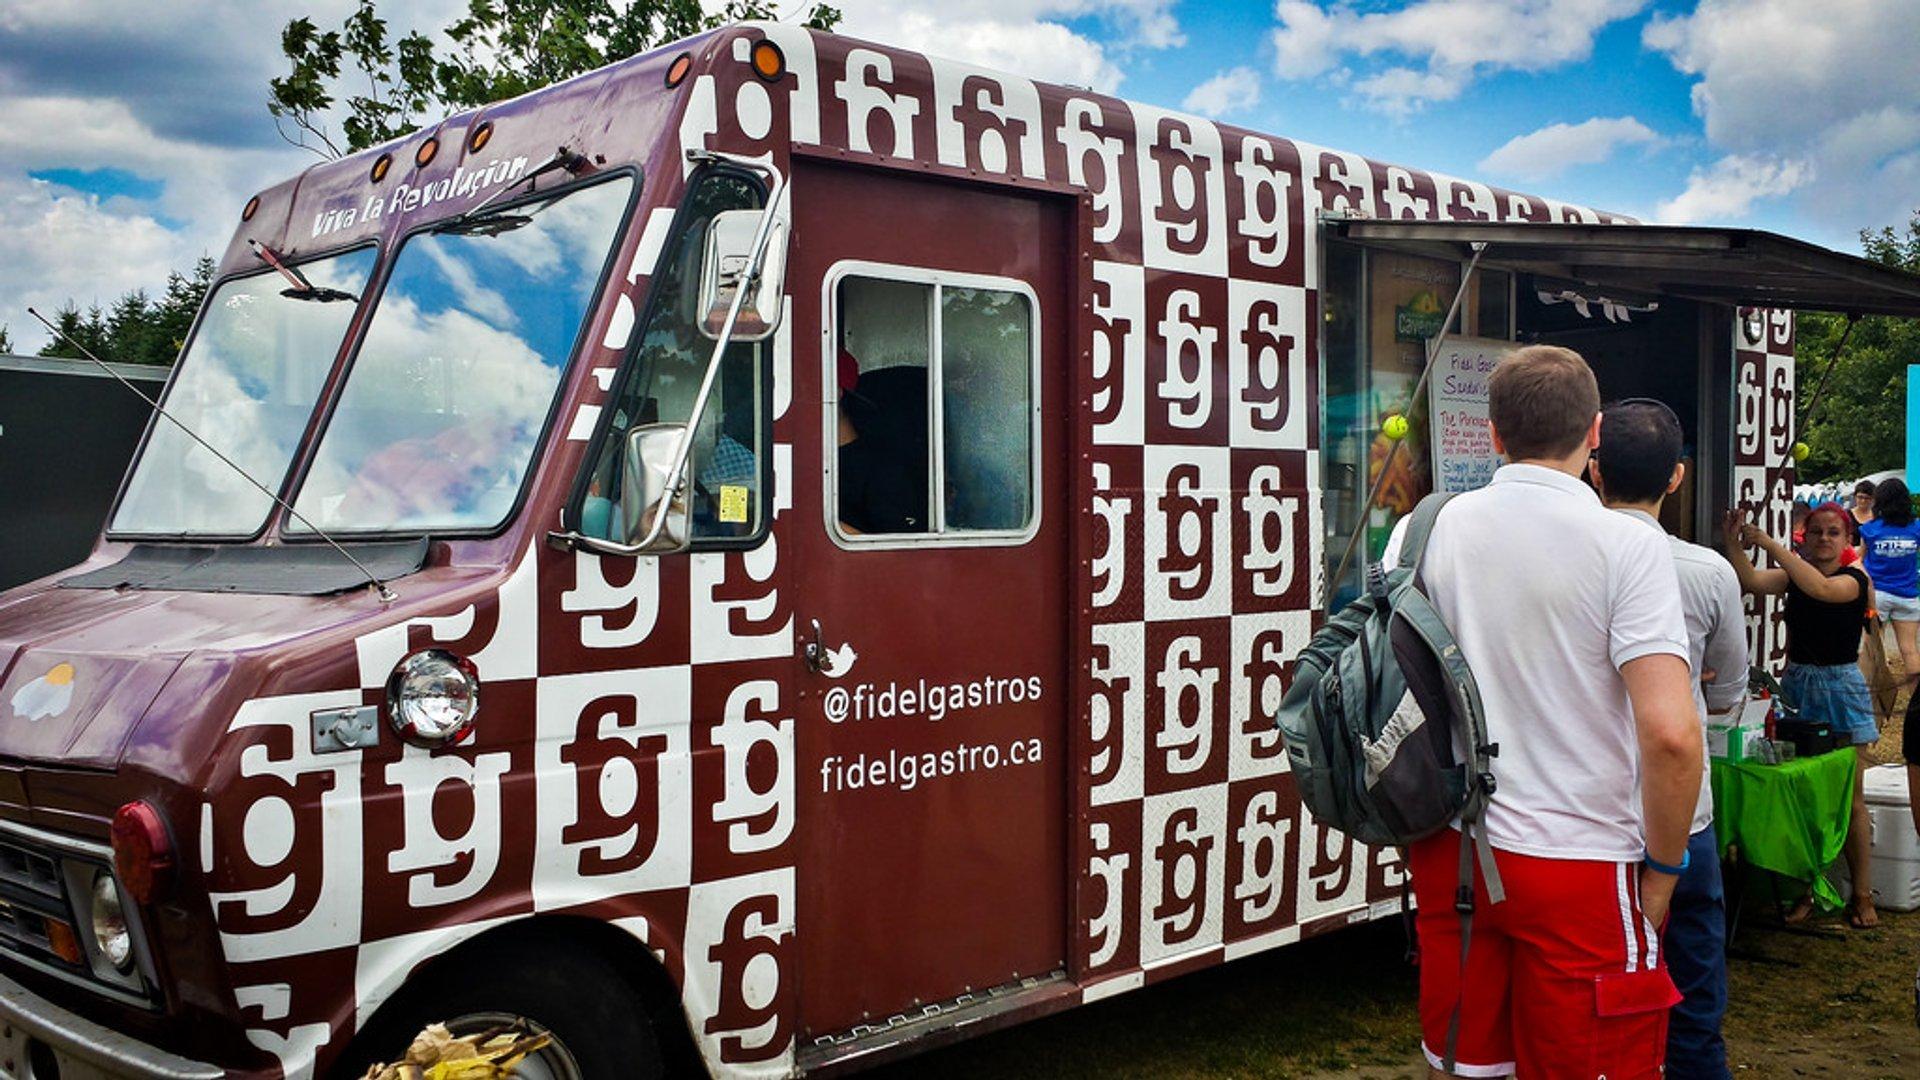 Toronto Food Truck Festival in Toronto - Best Season 2020